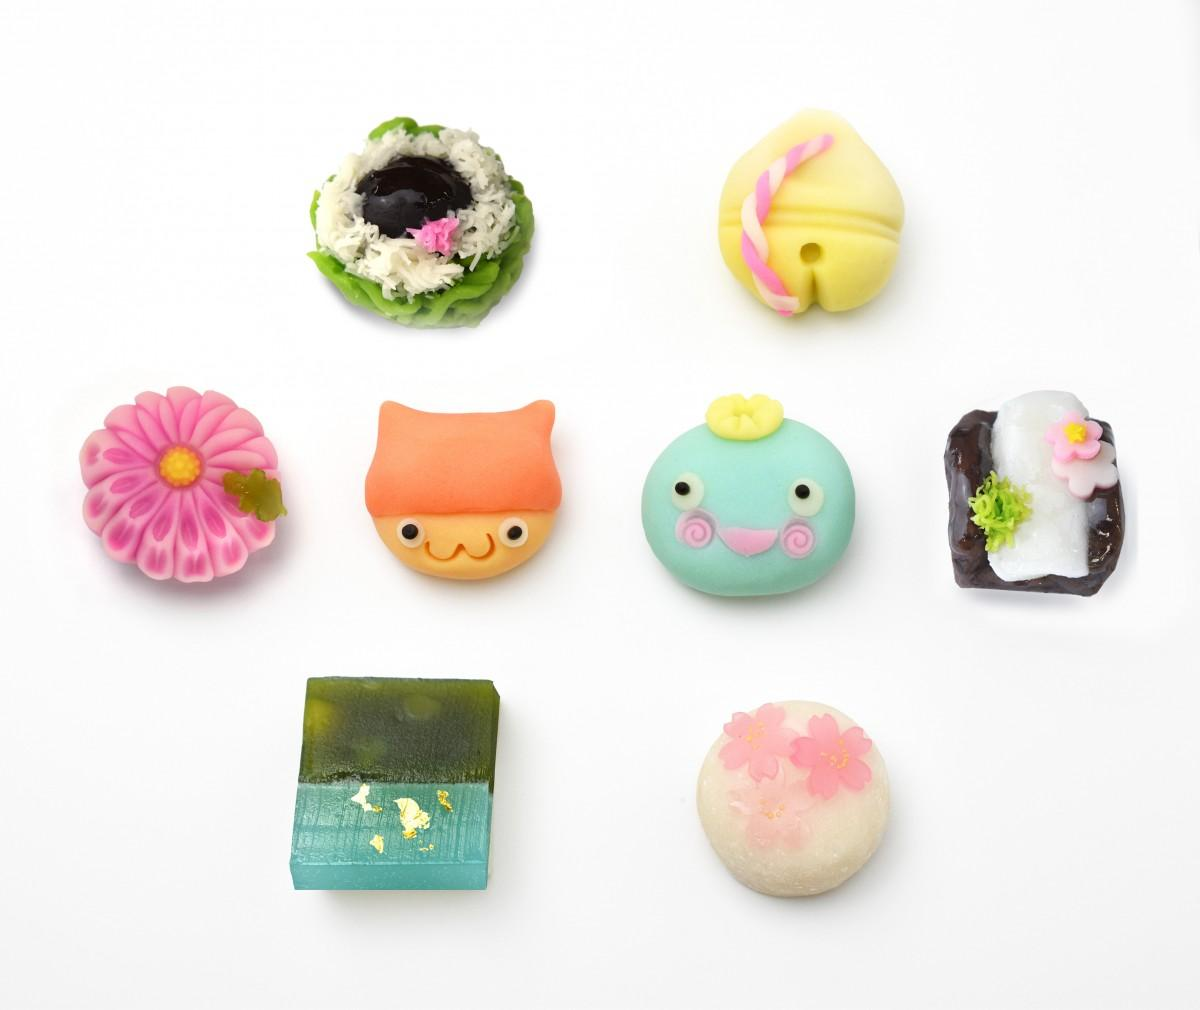 西宮をイメージして作られた冬仕様の上生菓子8種類